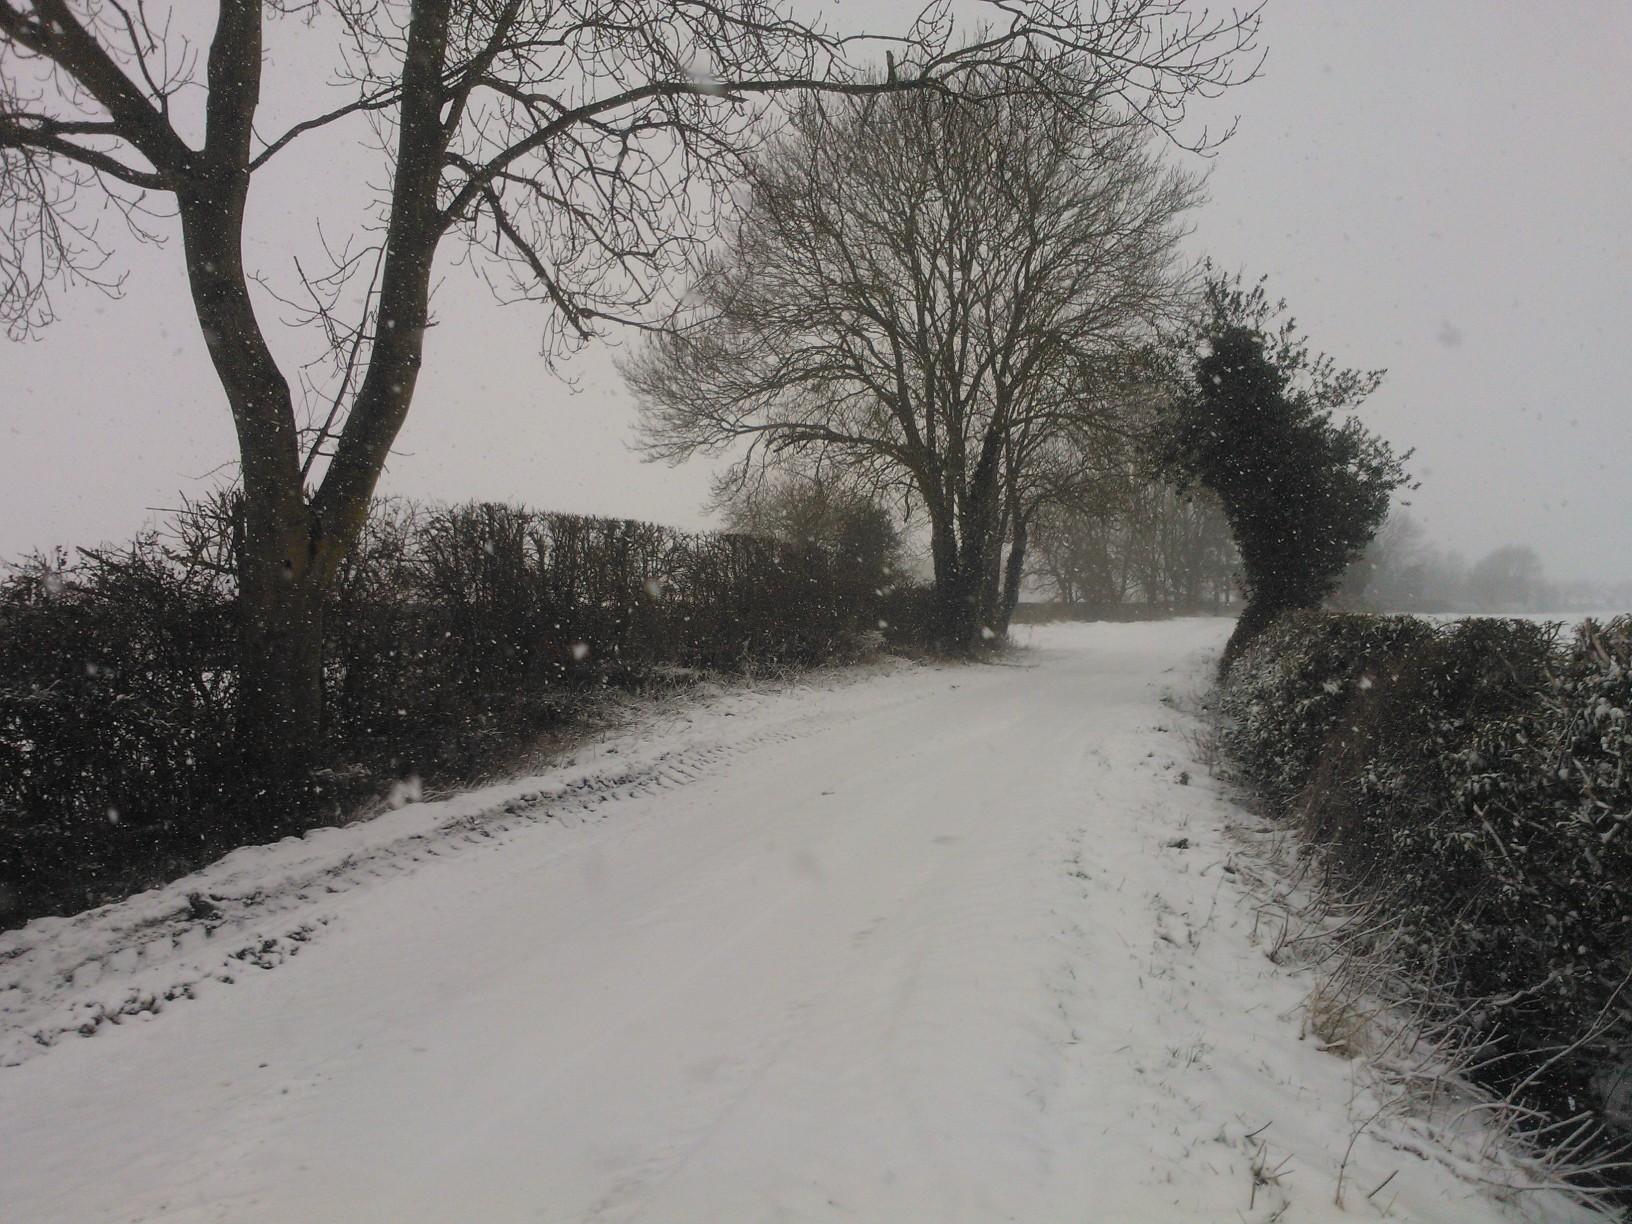 Snowy Lanes near Far Coton